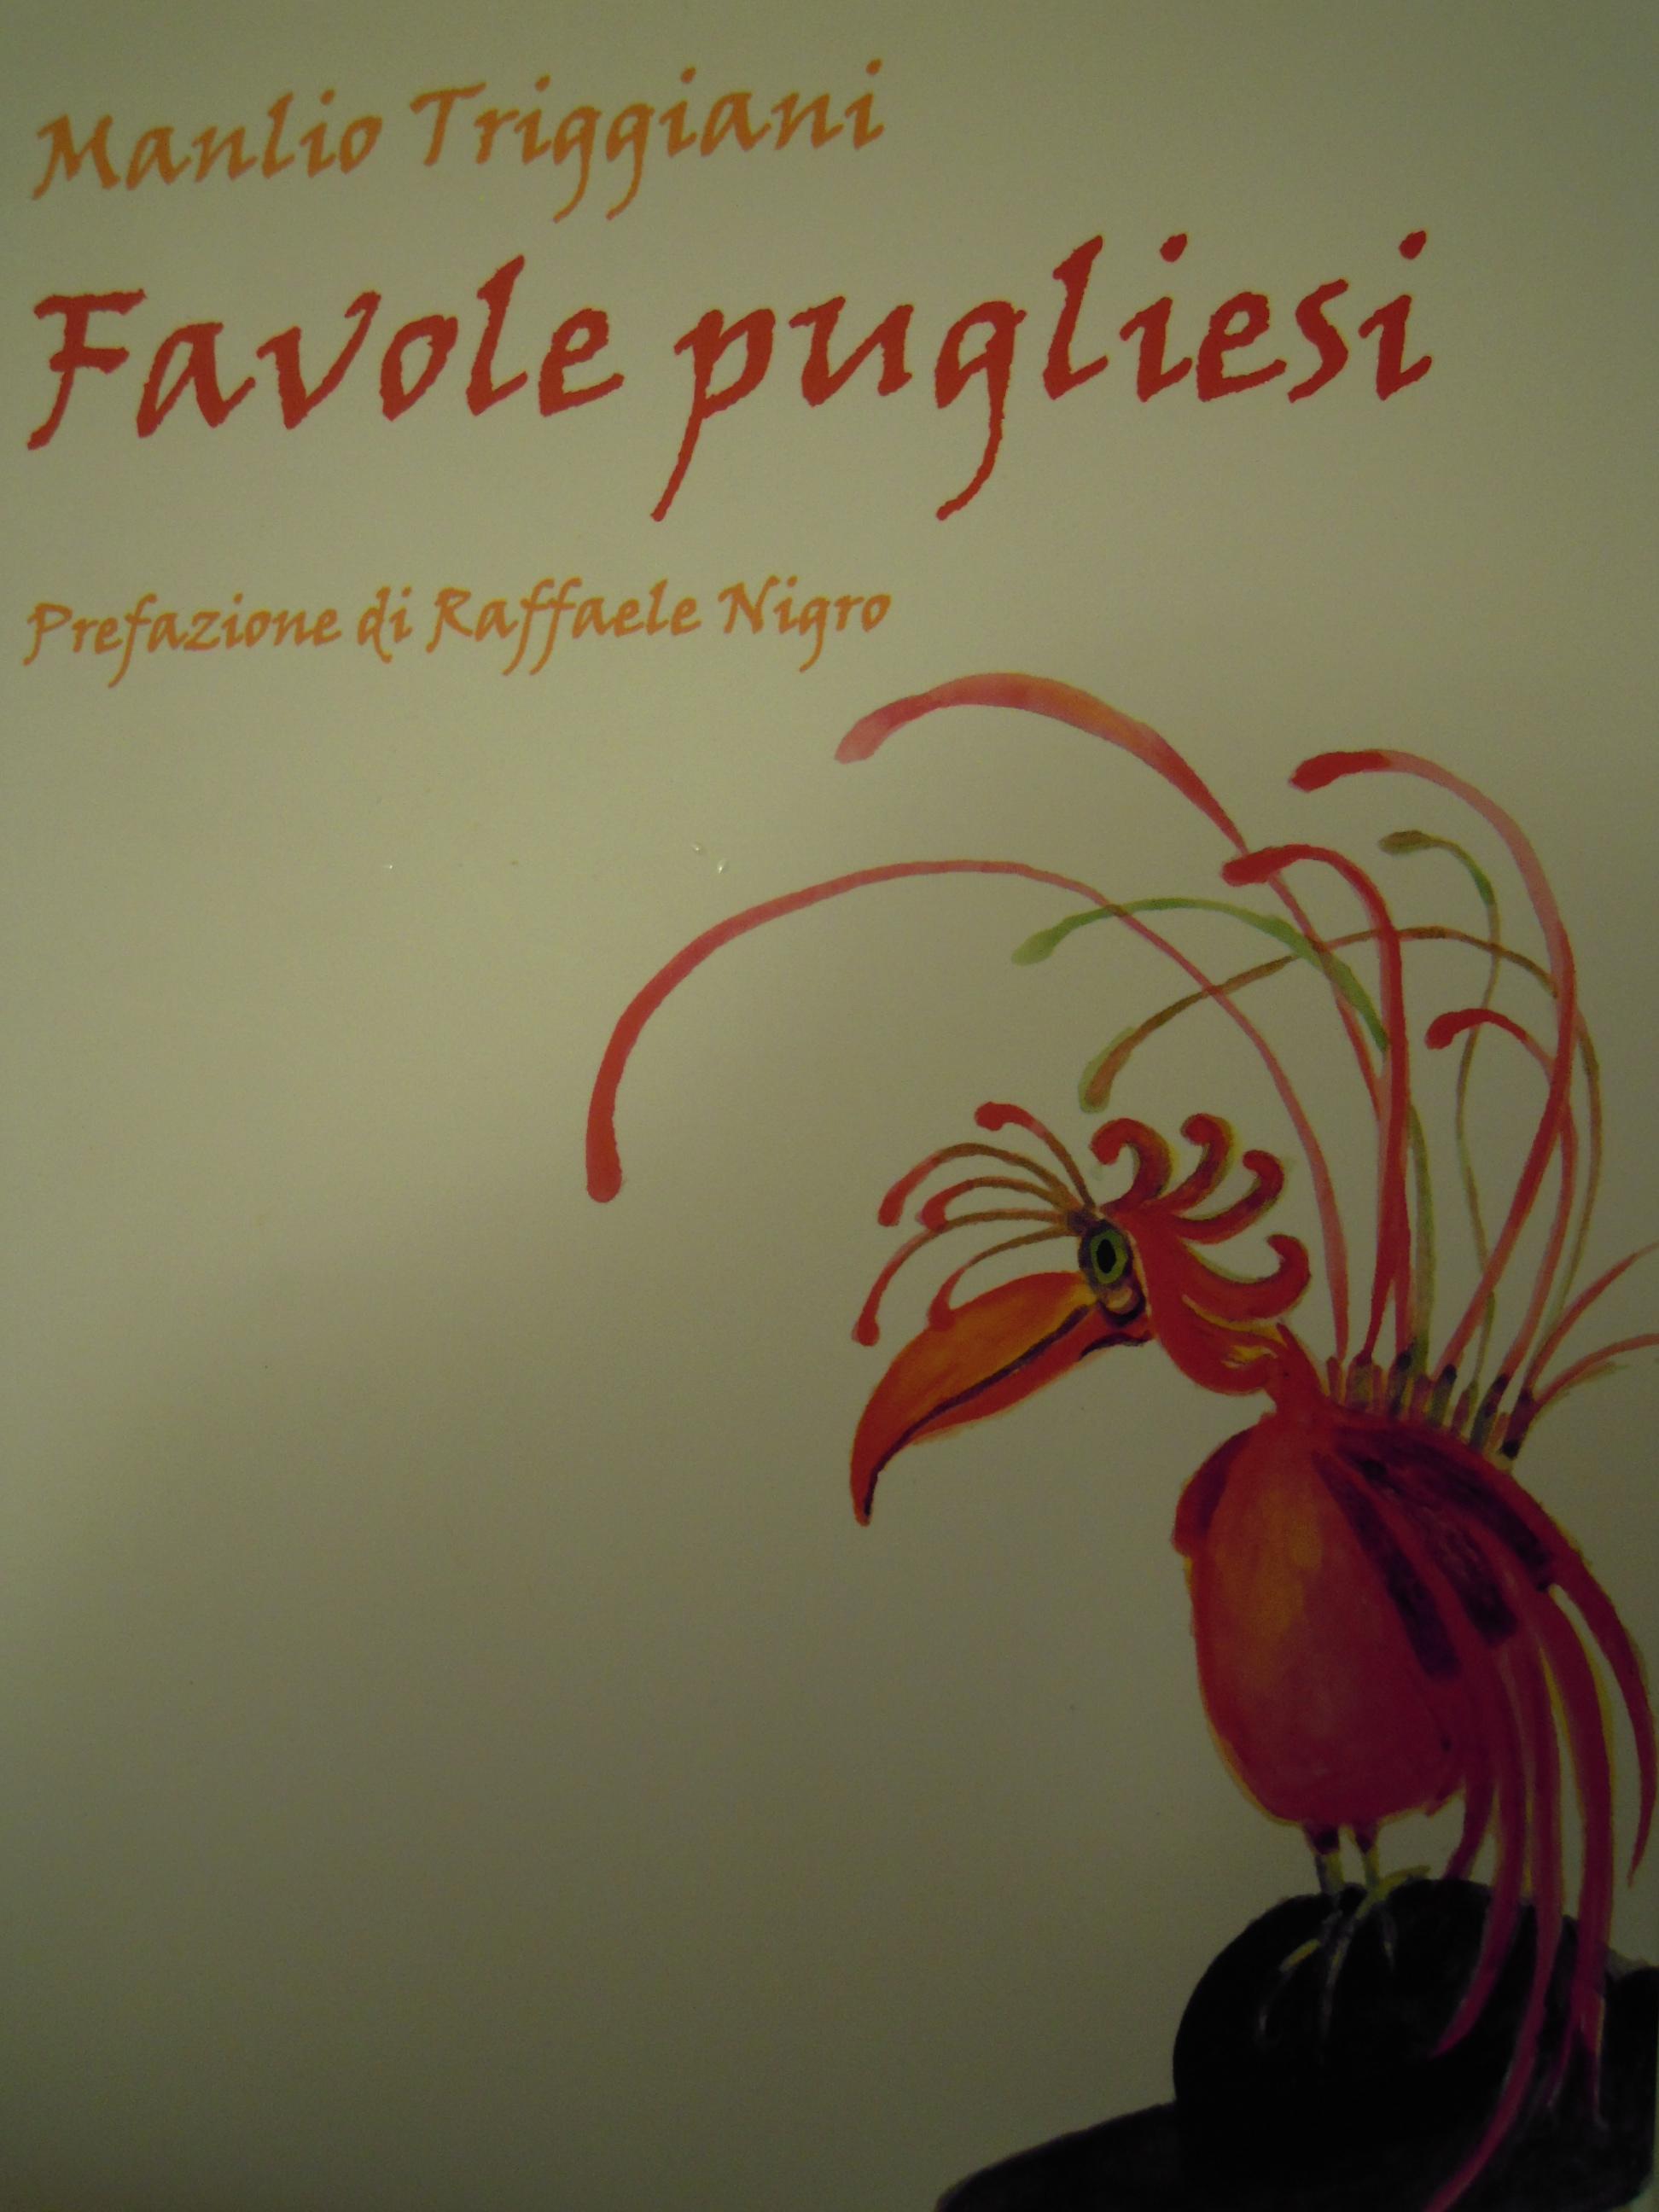 Favole Pugliesi di Manlio Triggiani